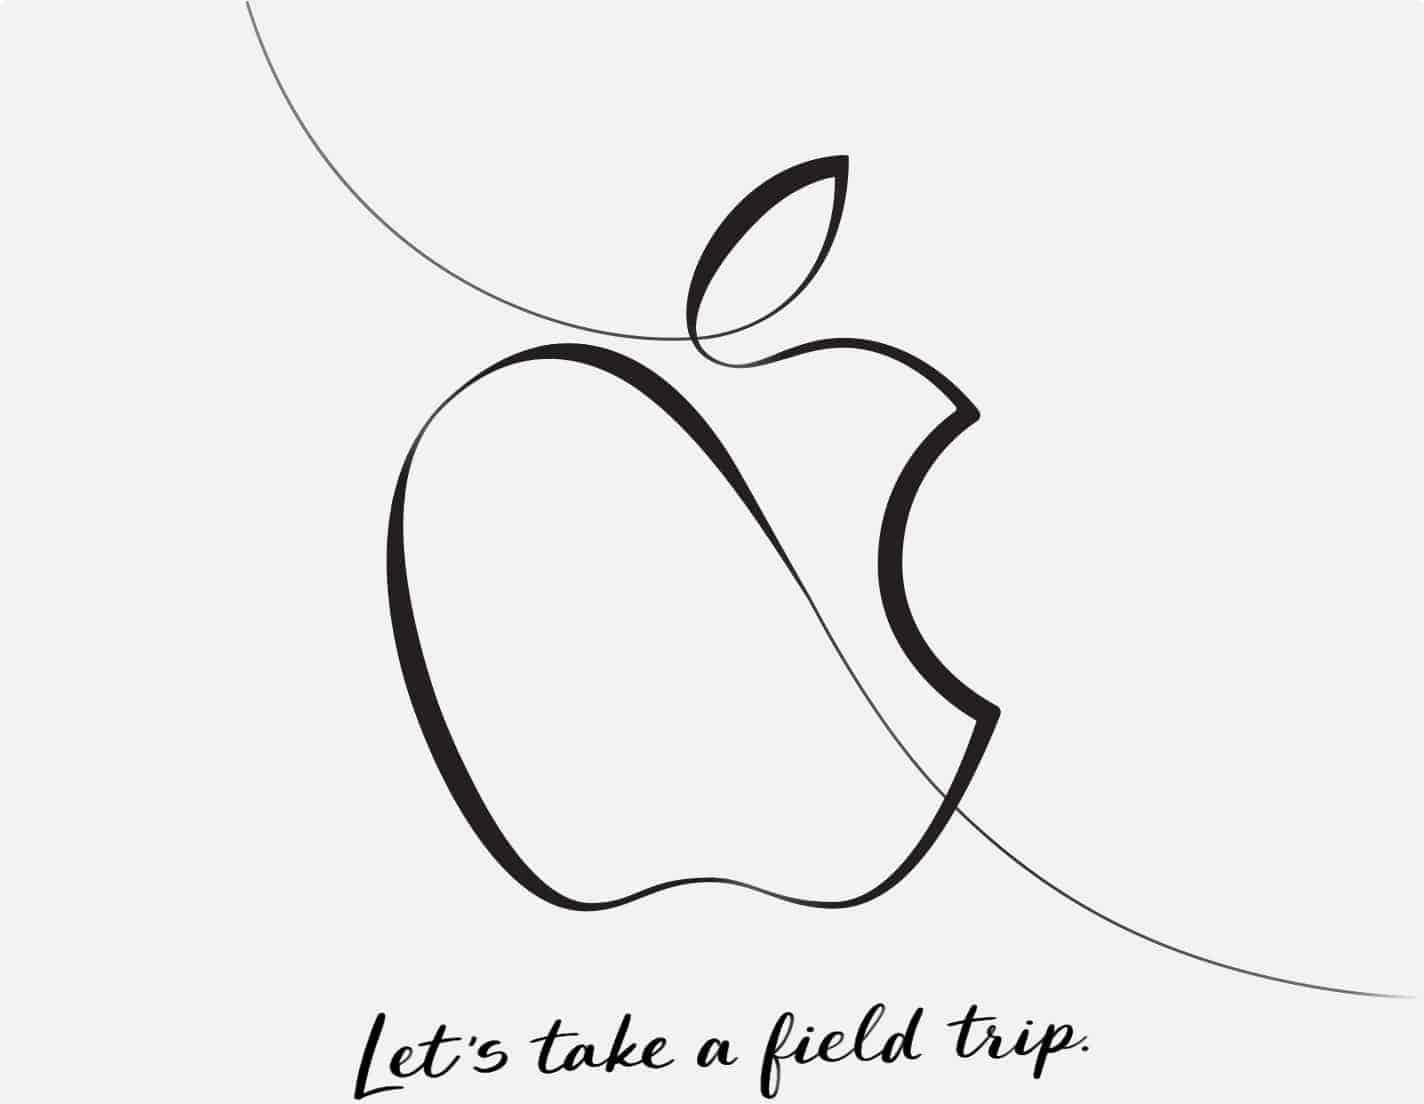 Evento Da Apple Para O Dia 27 De Marco Novos Ipads E Macs